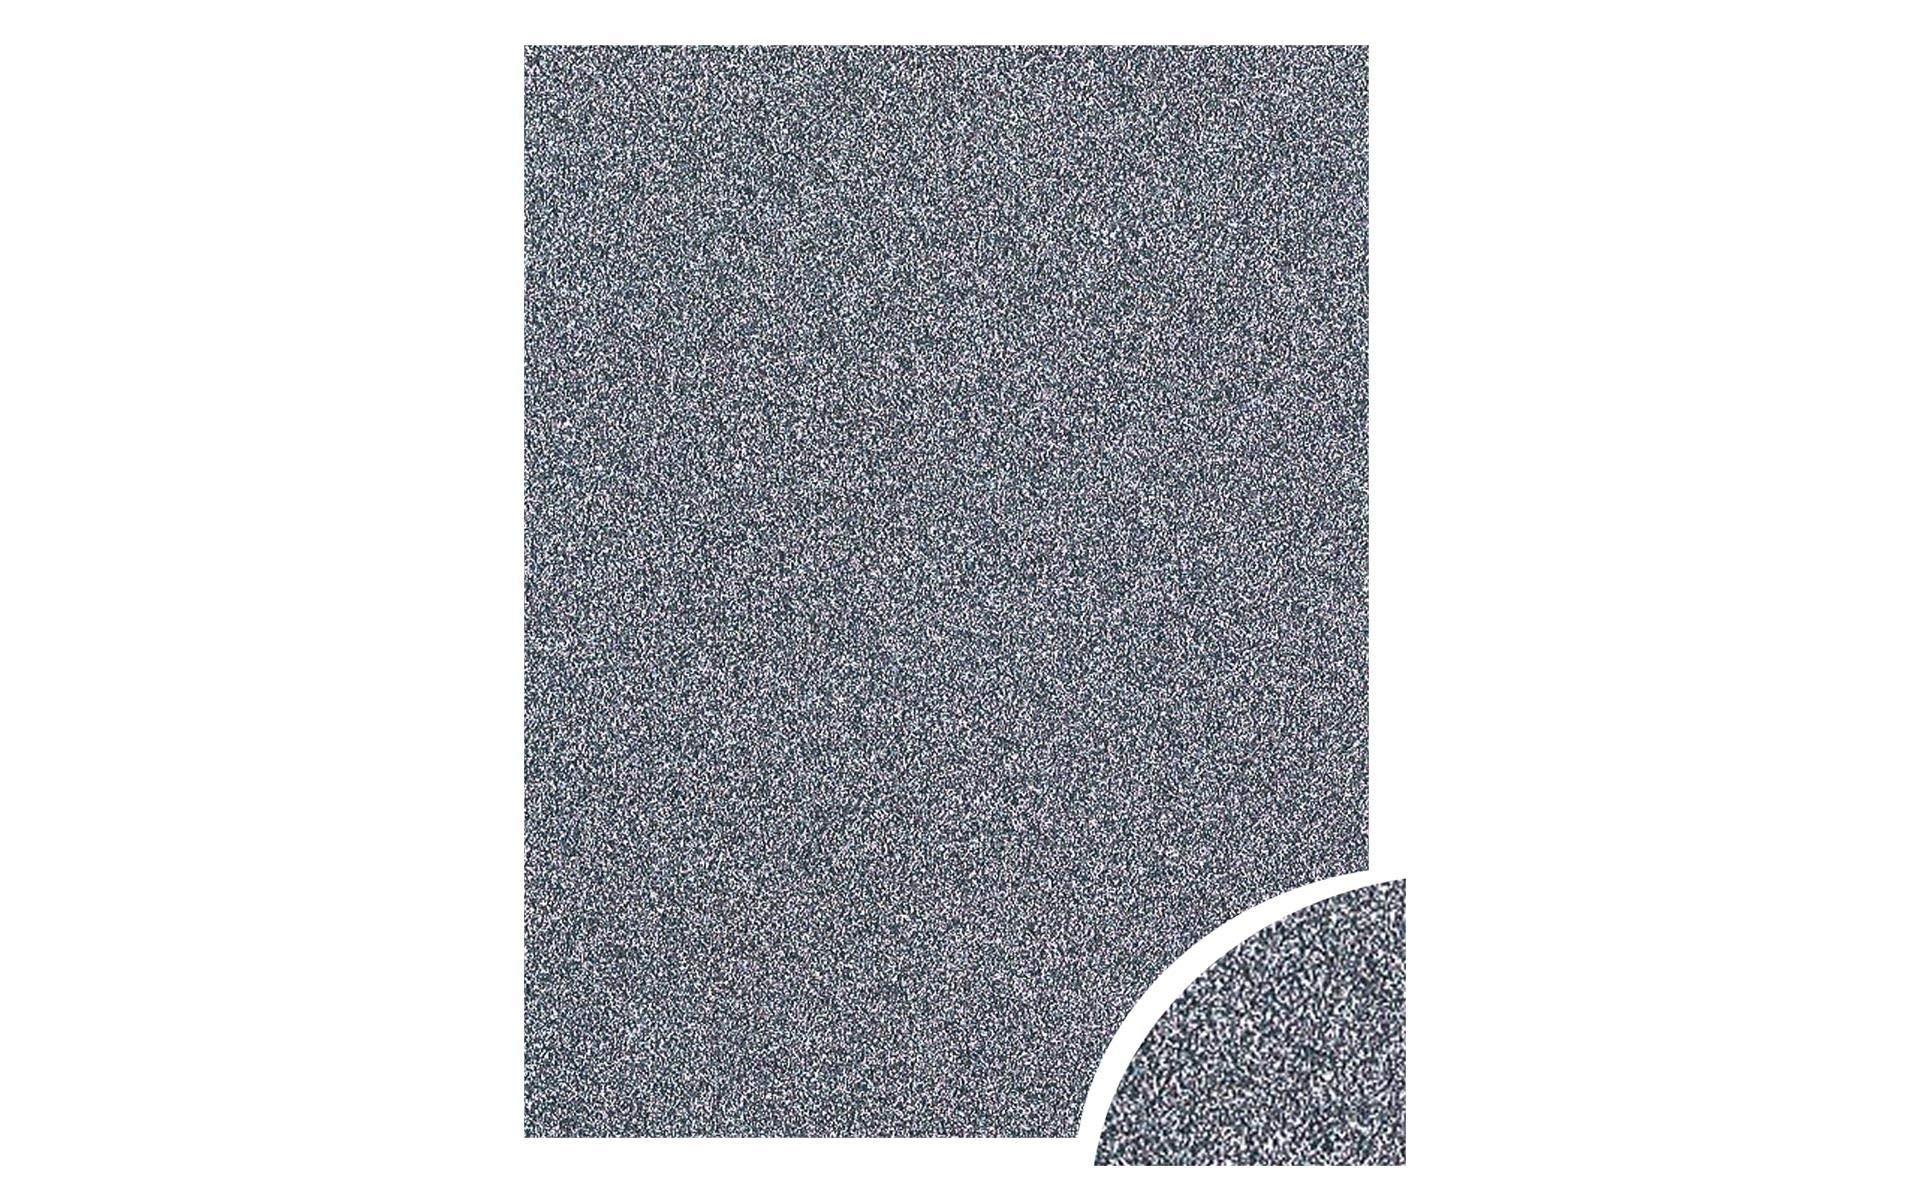 Paper Accents Cdstk Glitter 22x28 85lb Onyx UPC